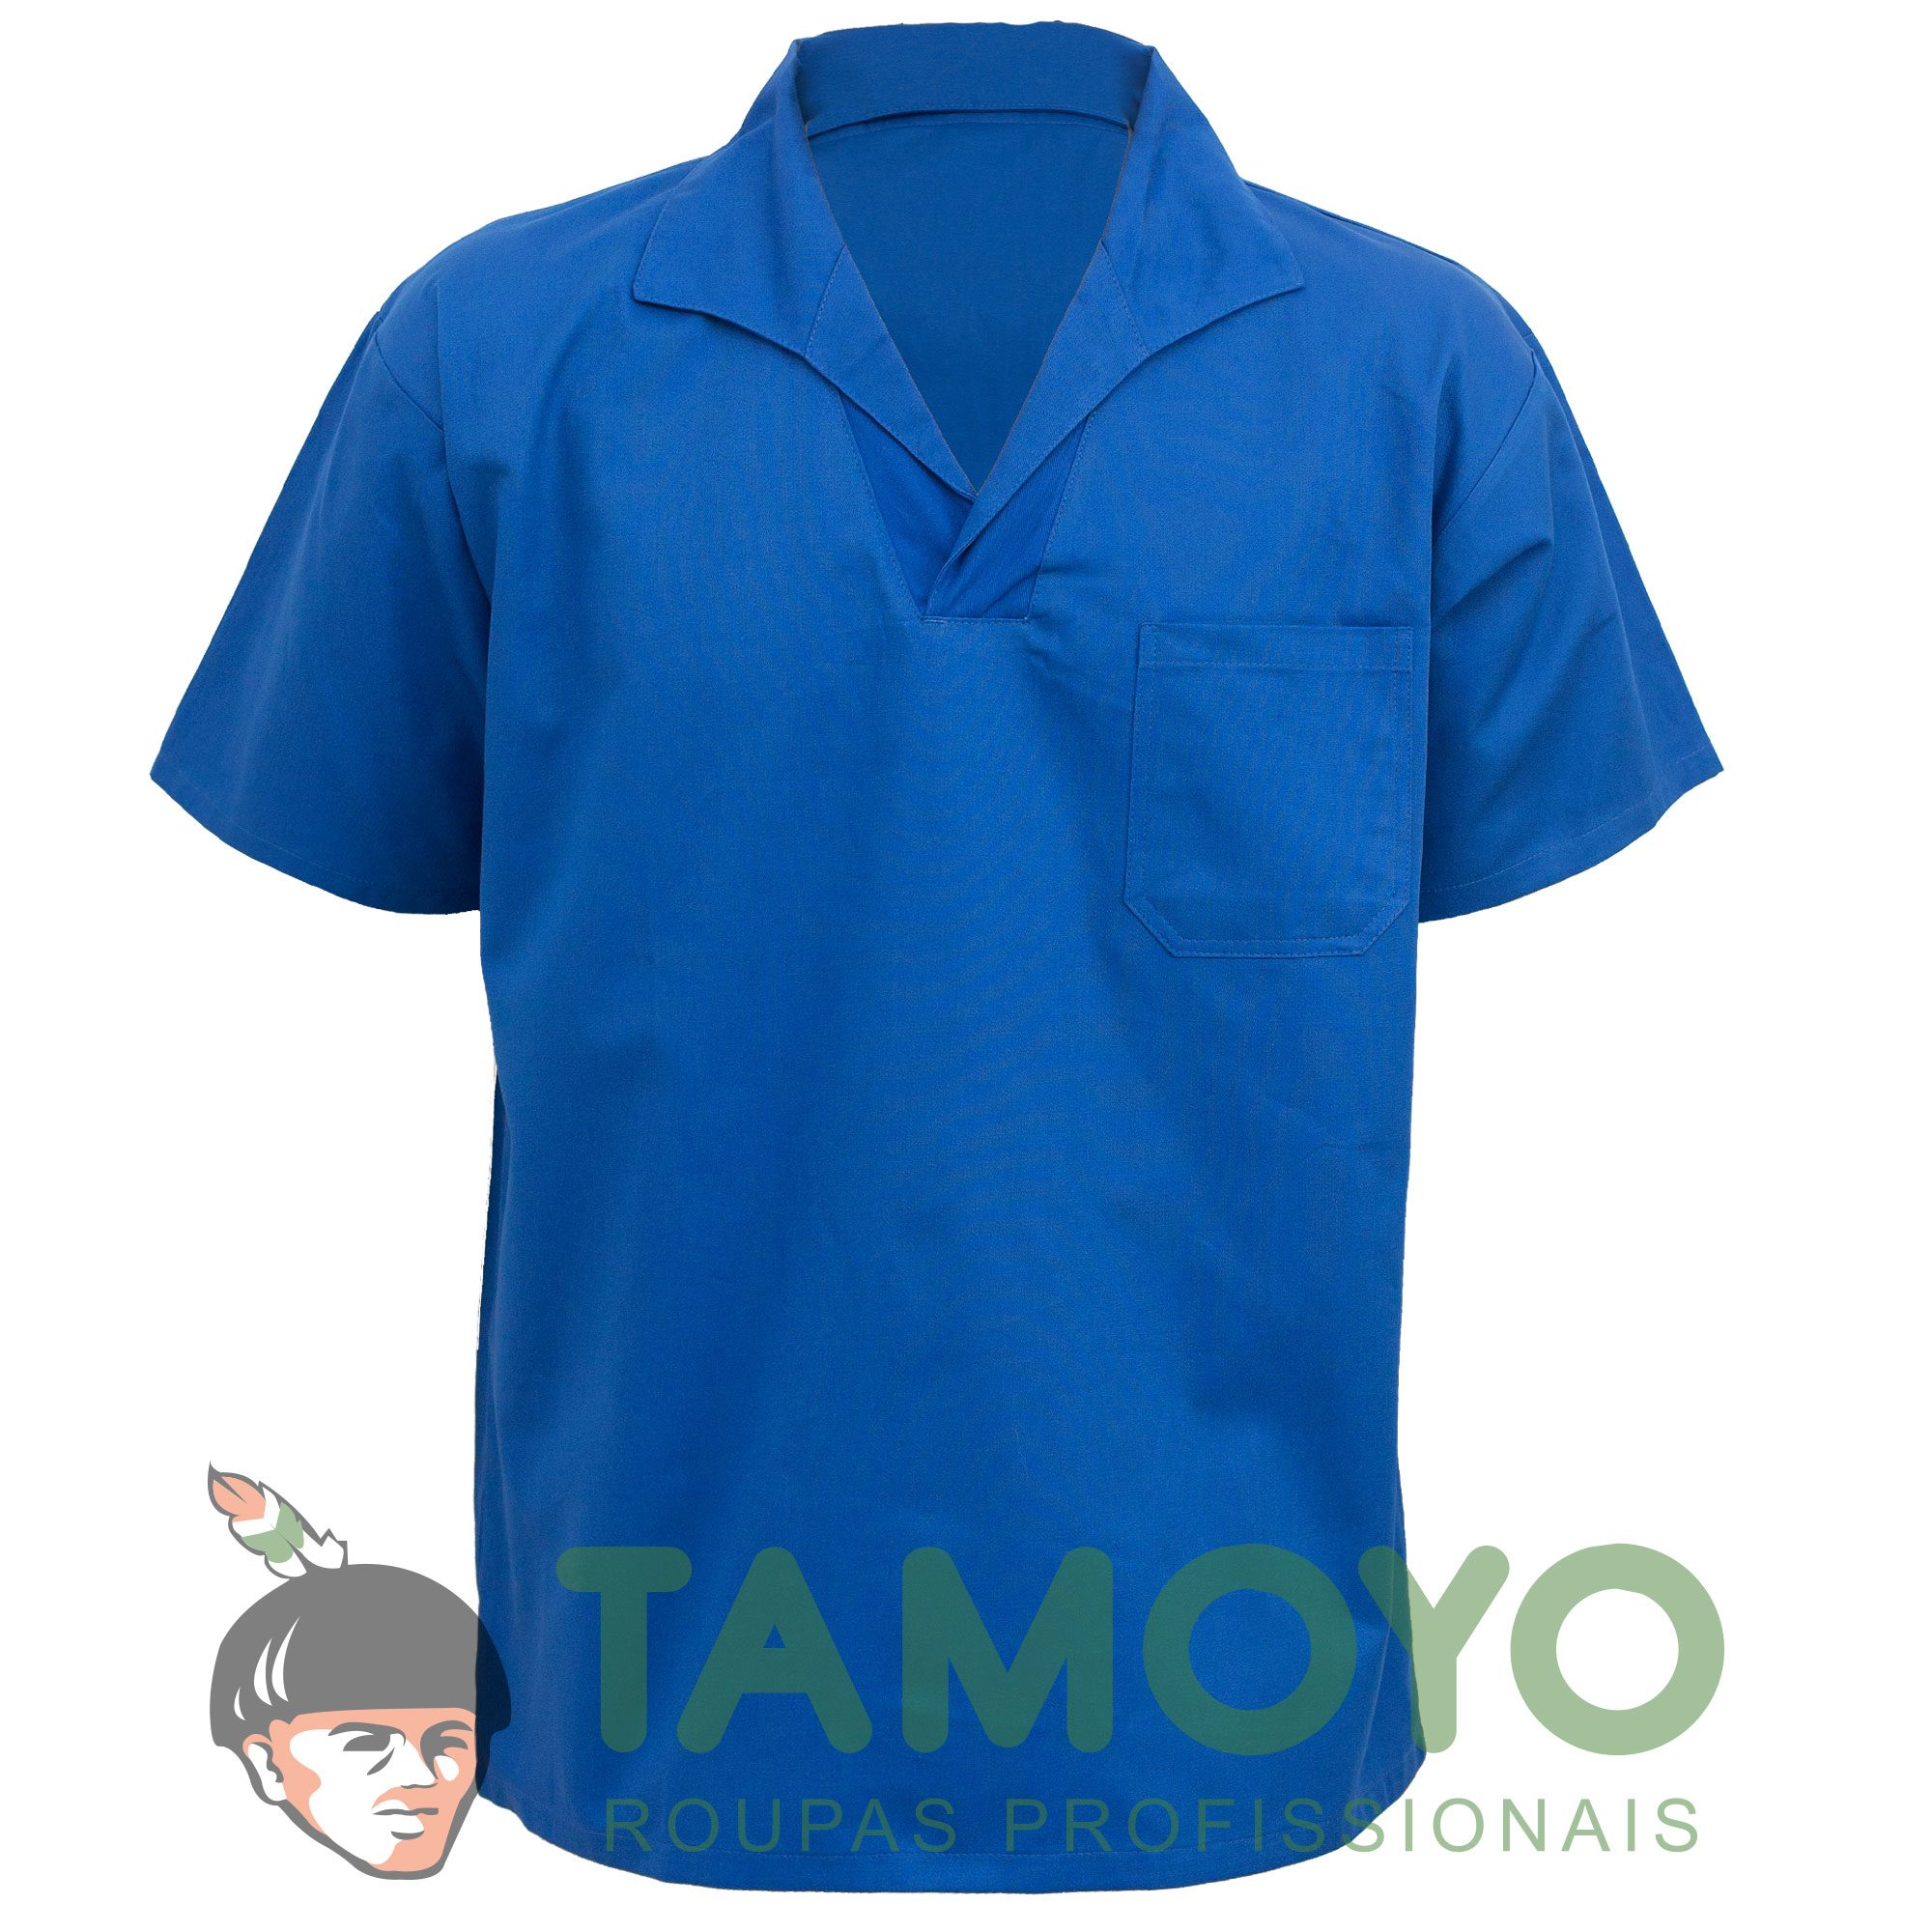 roupas-tamoyo-blusa-camisa-golaitaliana-unissex-industria-servicos-frente1